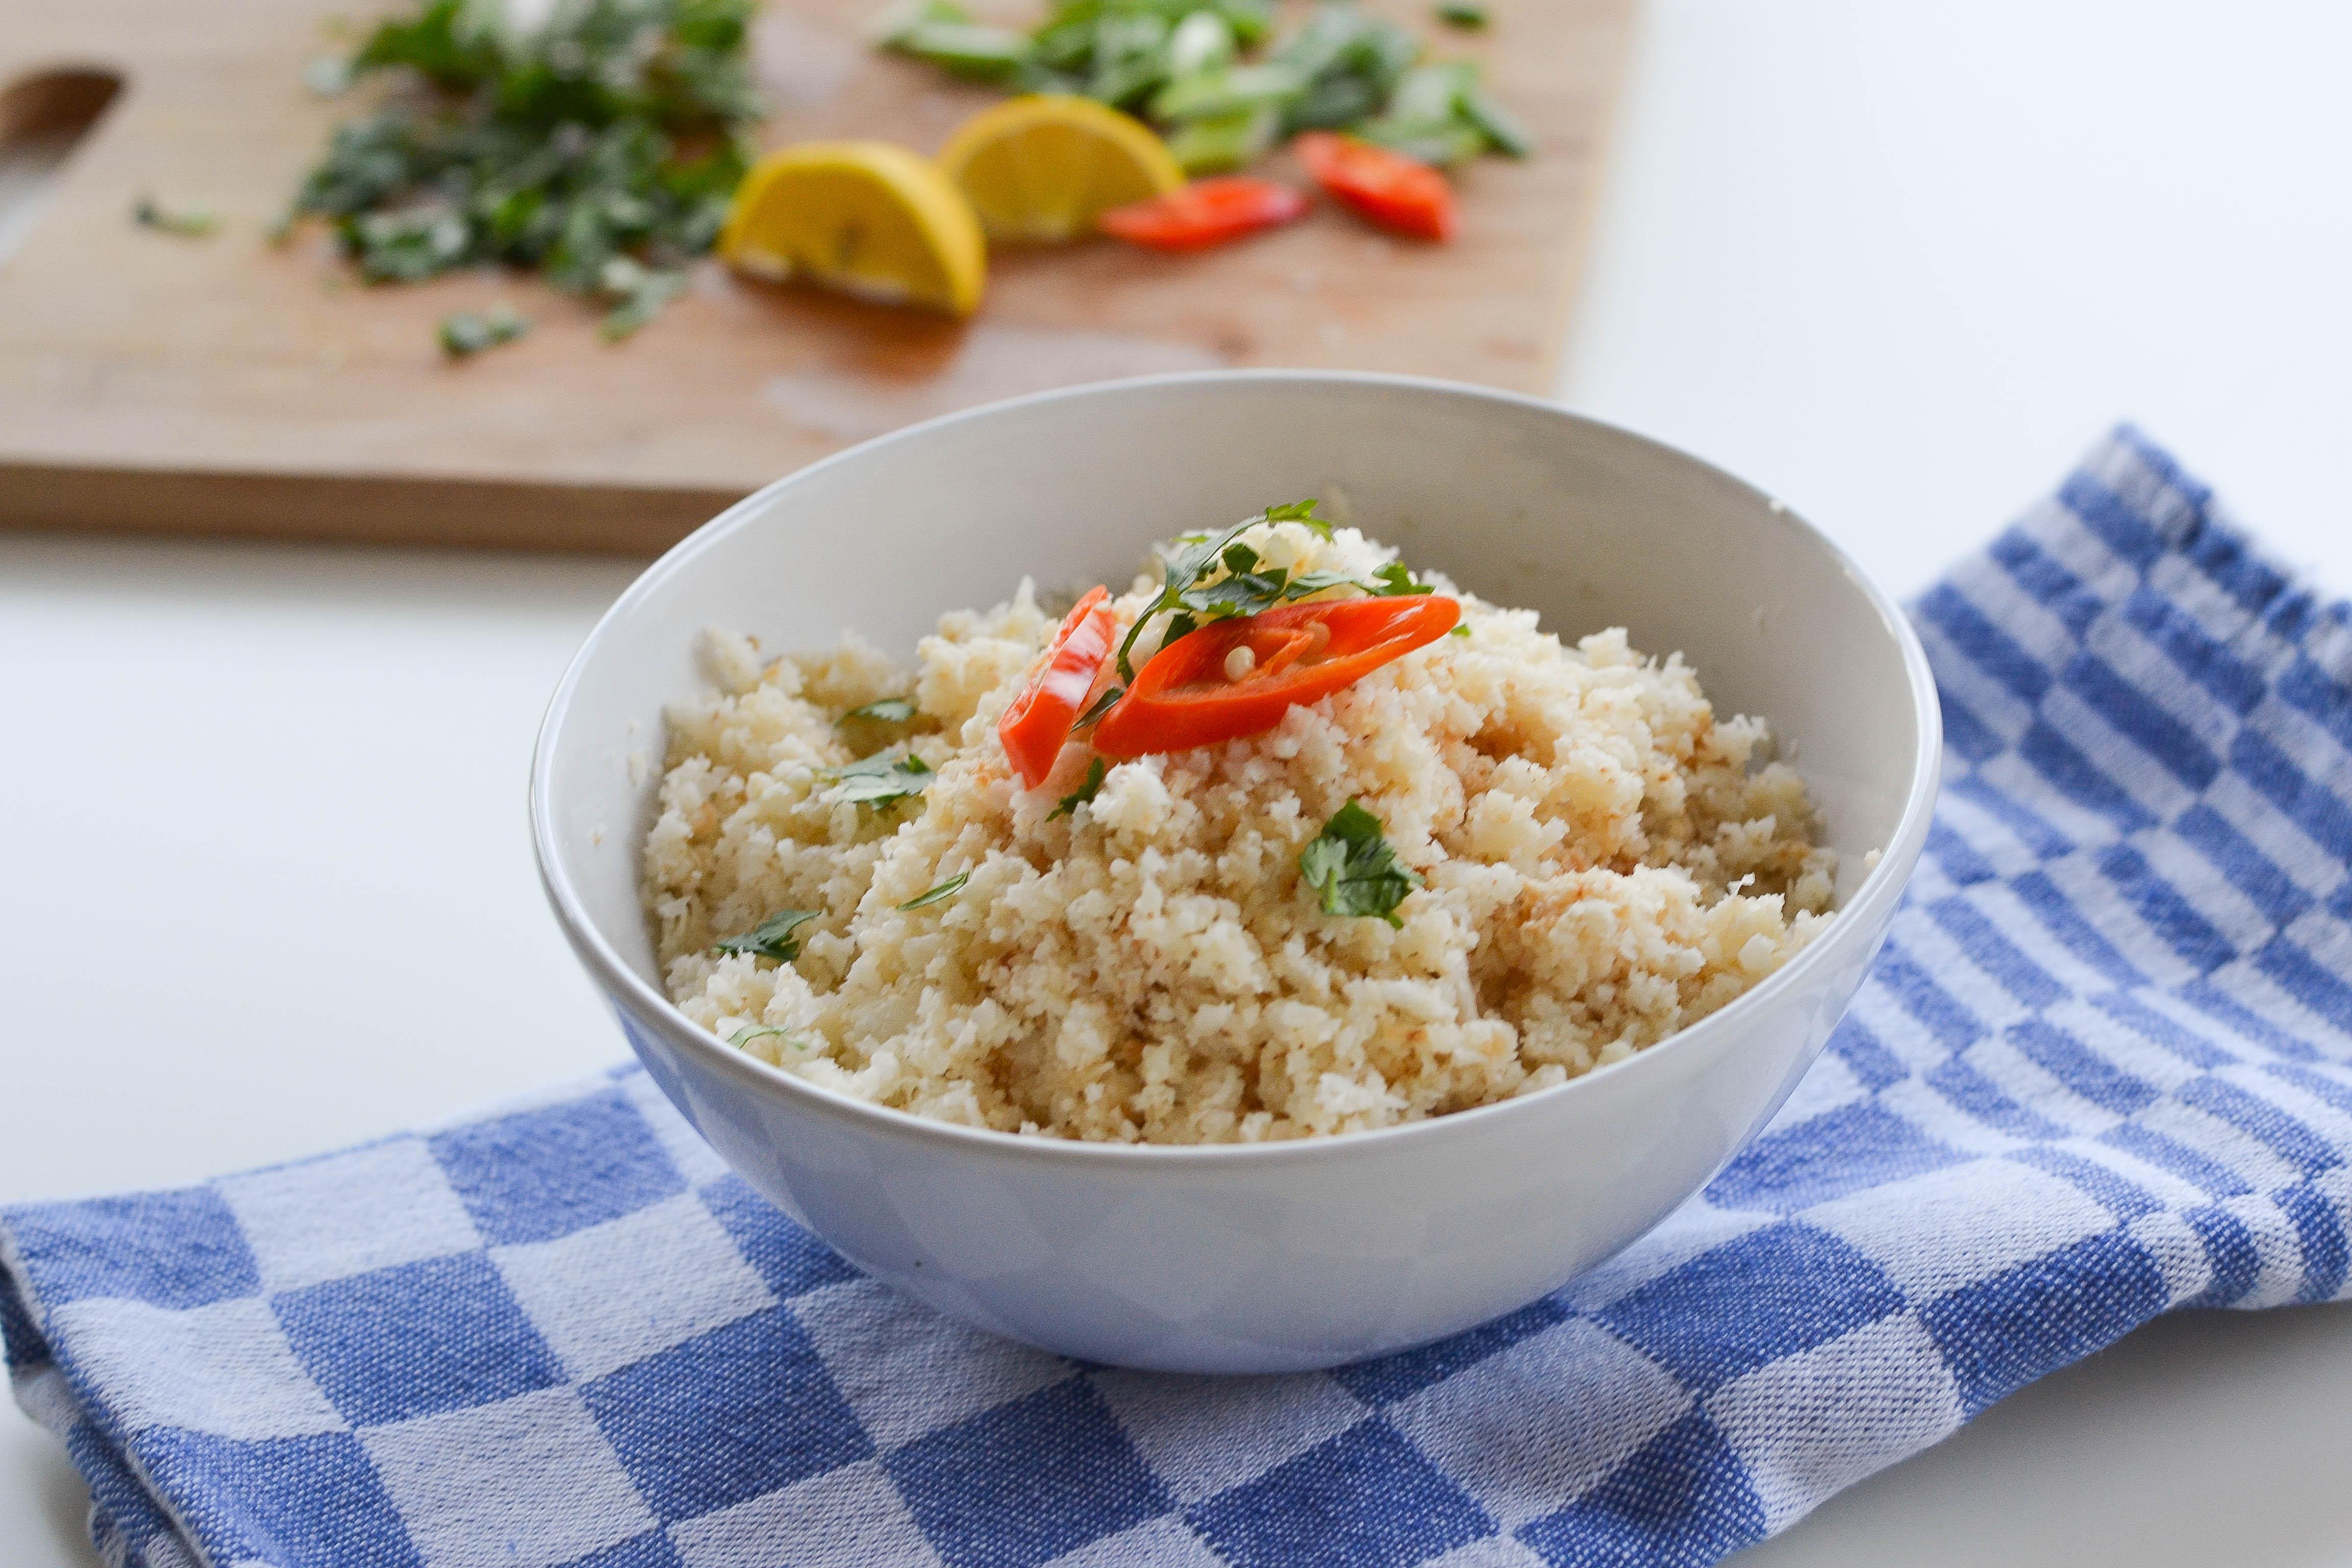 How to Make Cauliflower Rice?